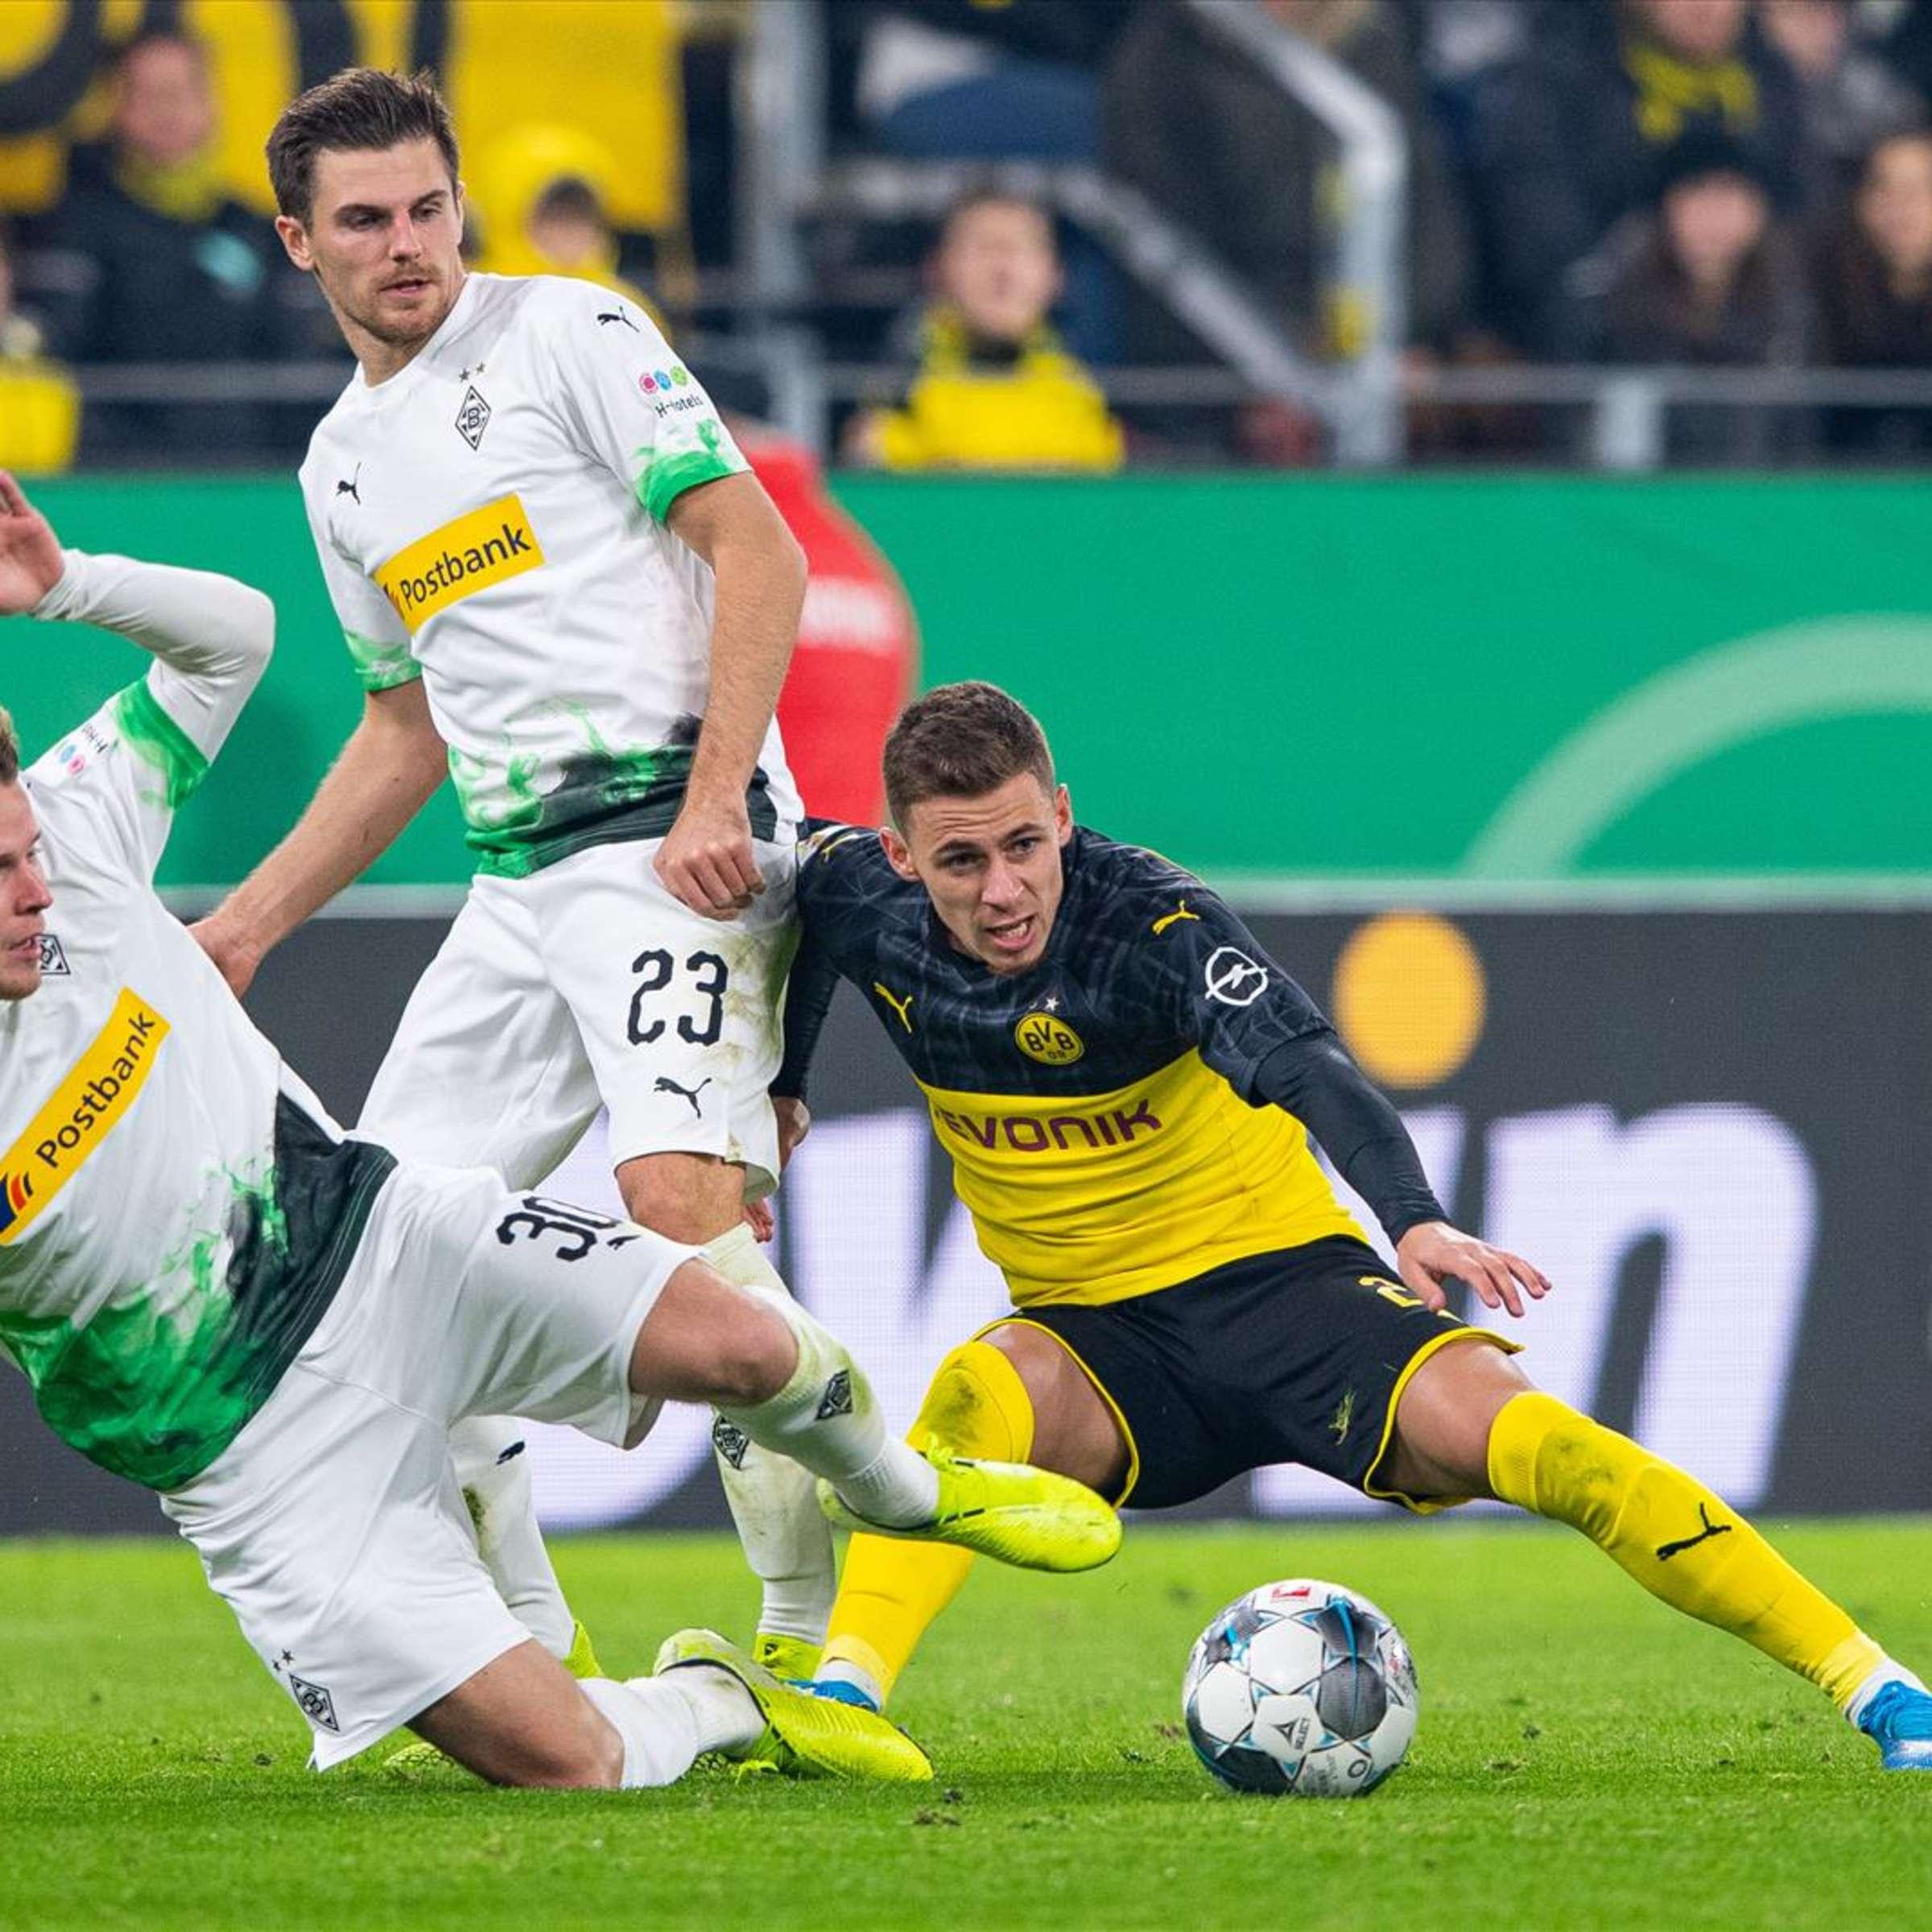 BVB - Gladbach: Spiel heute live im TV, Live-Stream und Ticker | BVB 09